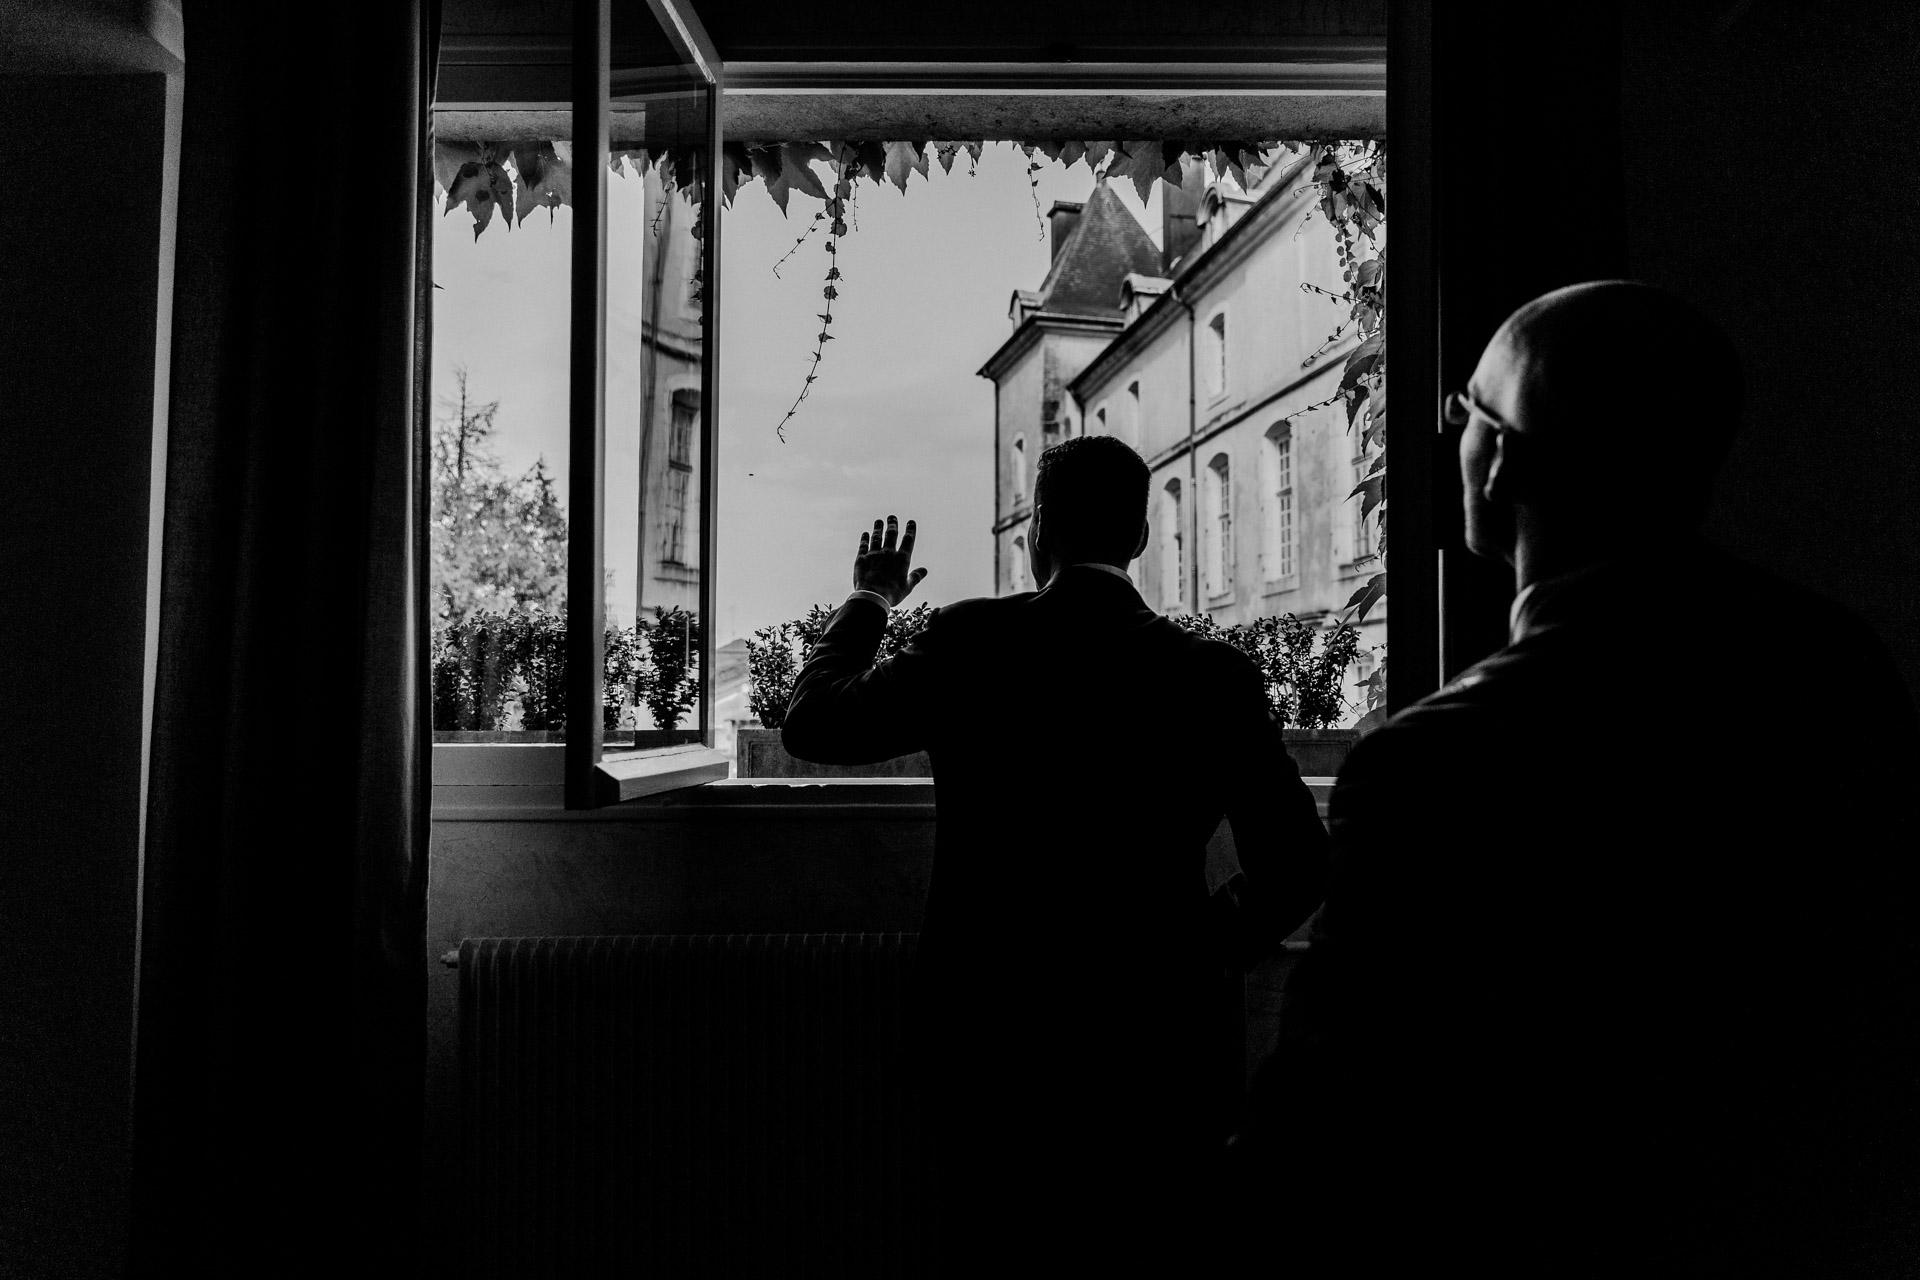 chateauvandelevillewedding-10.jpg